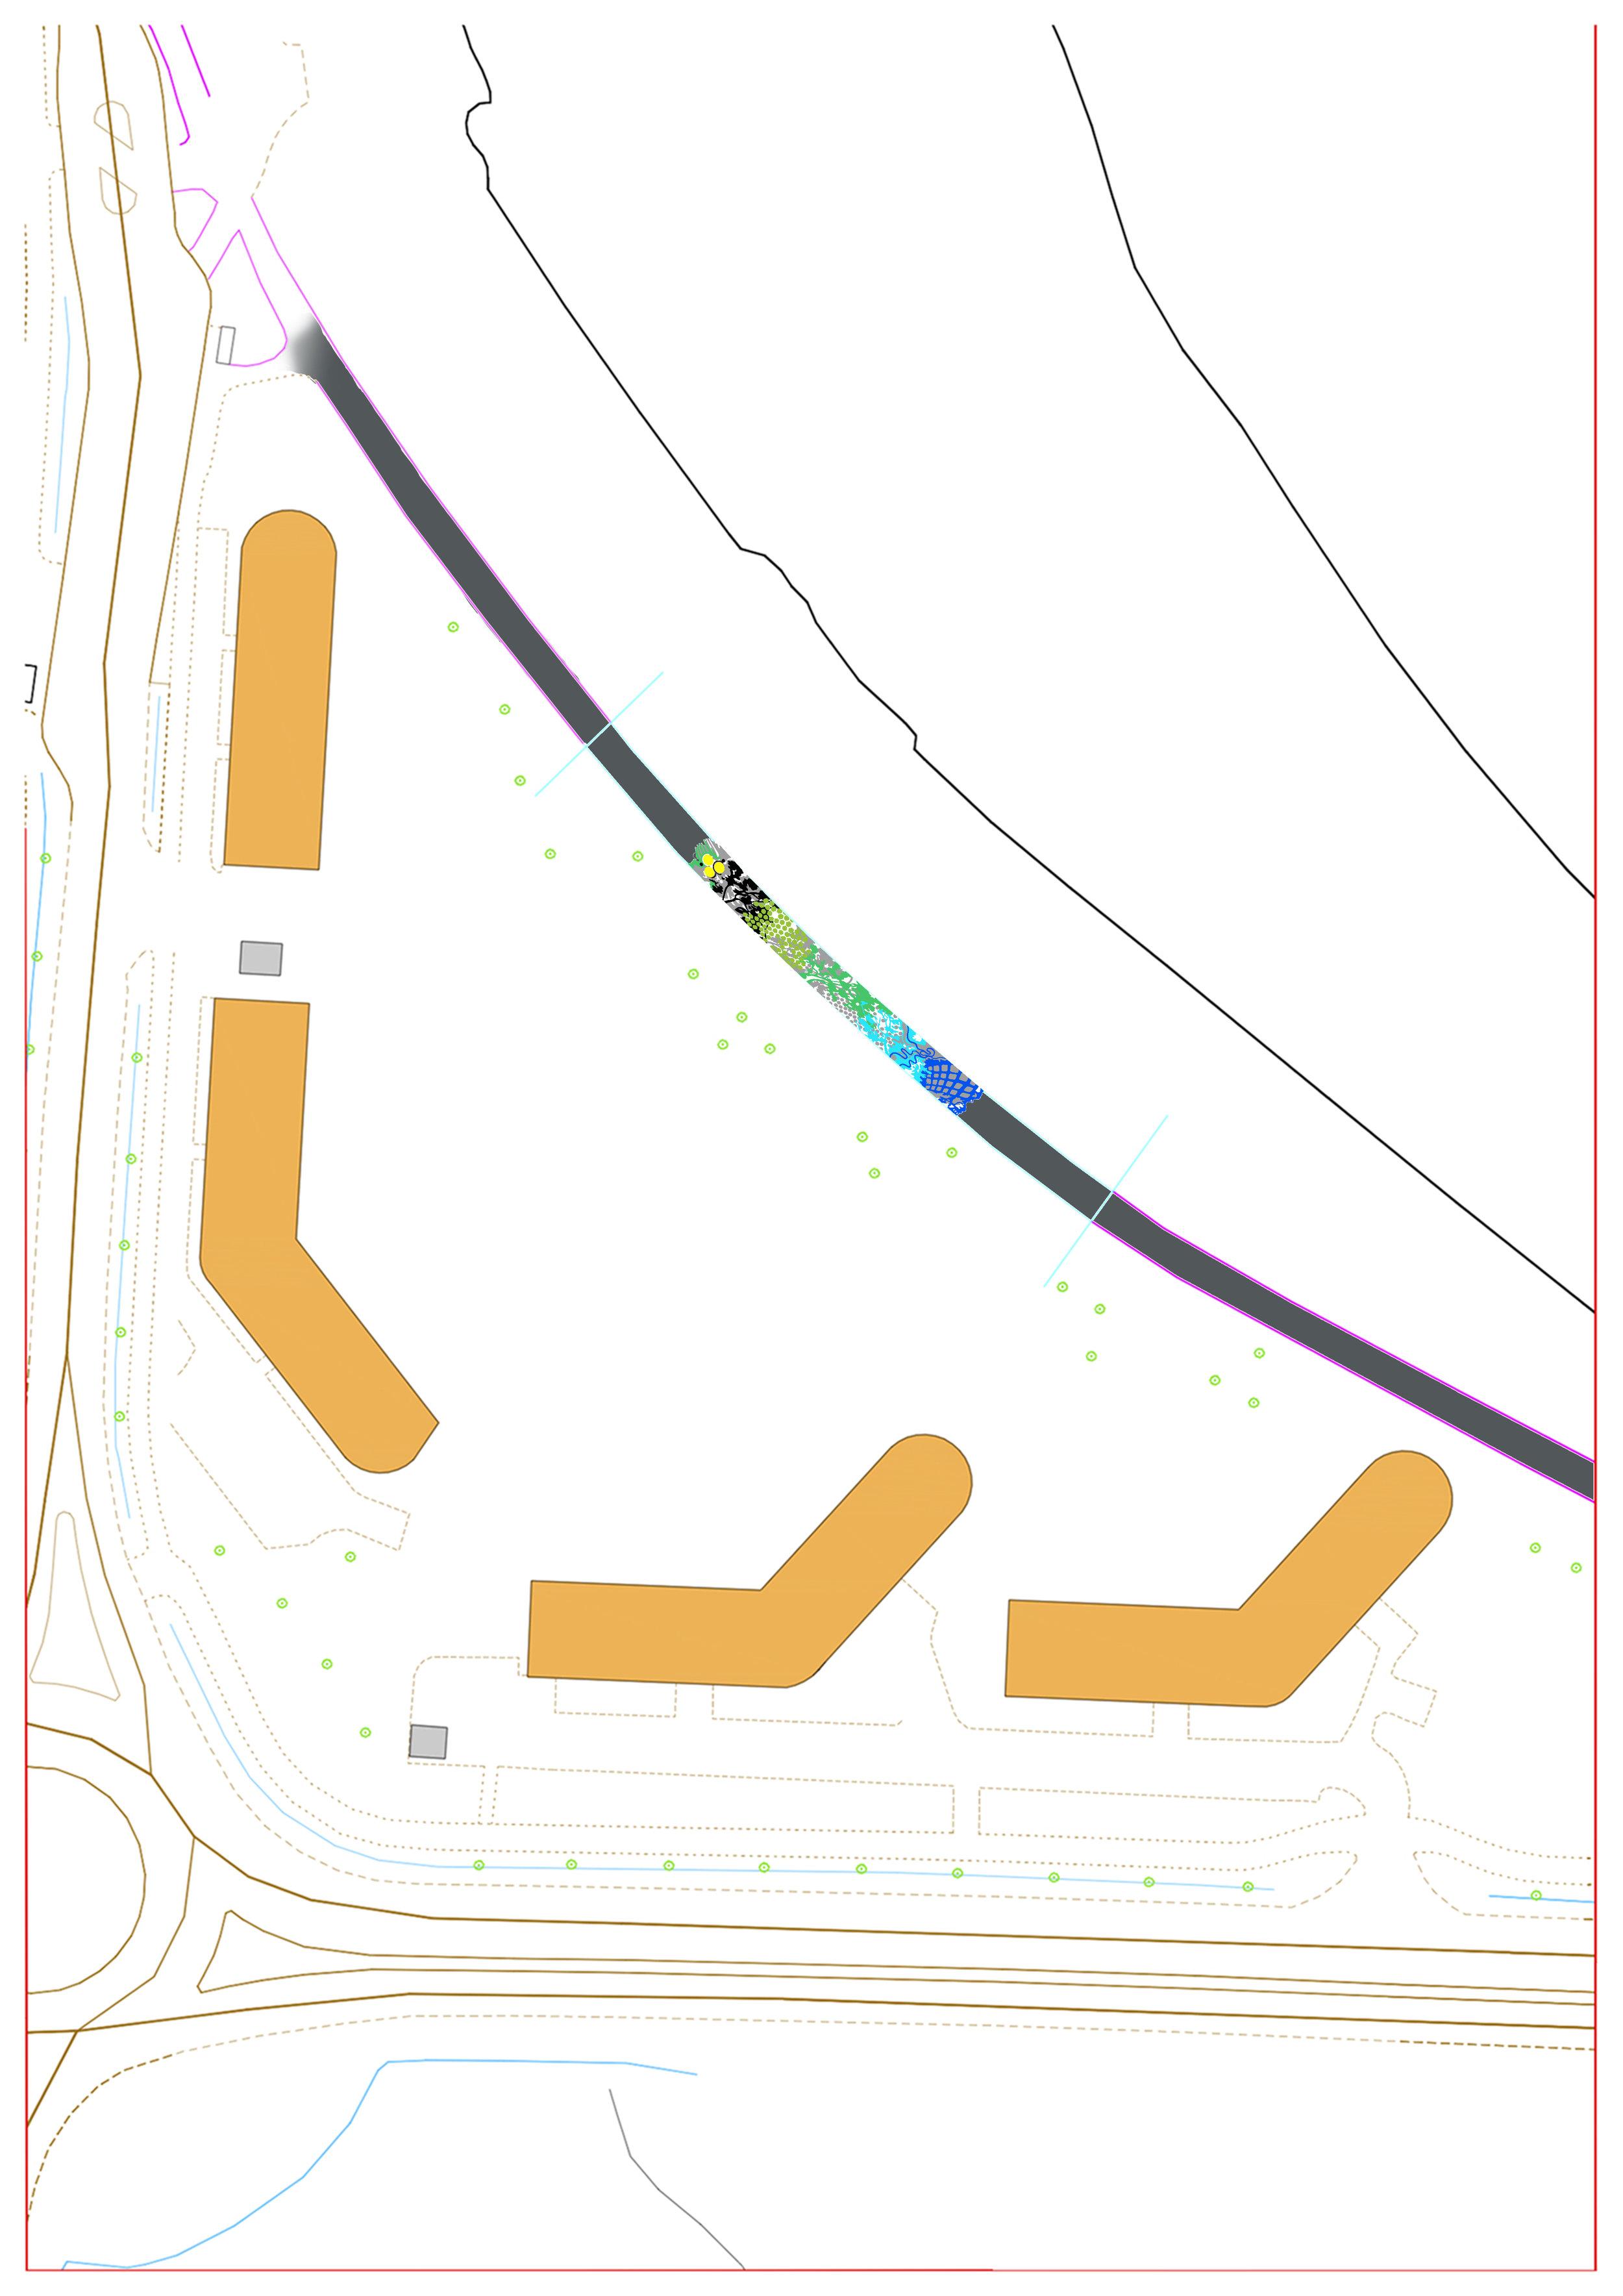 Placering_Skuggspel.jpg